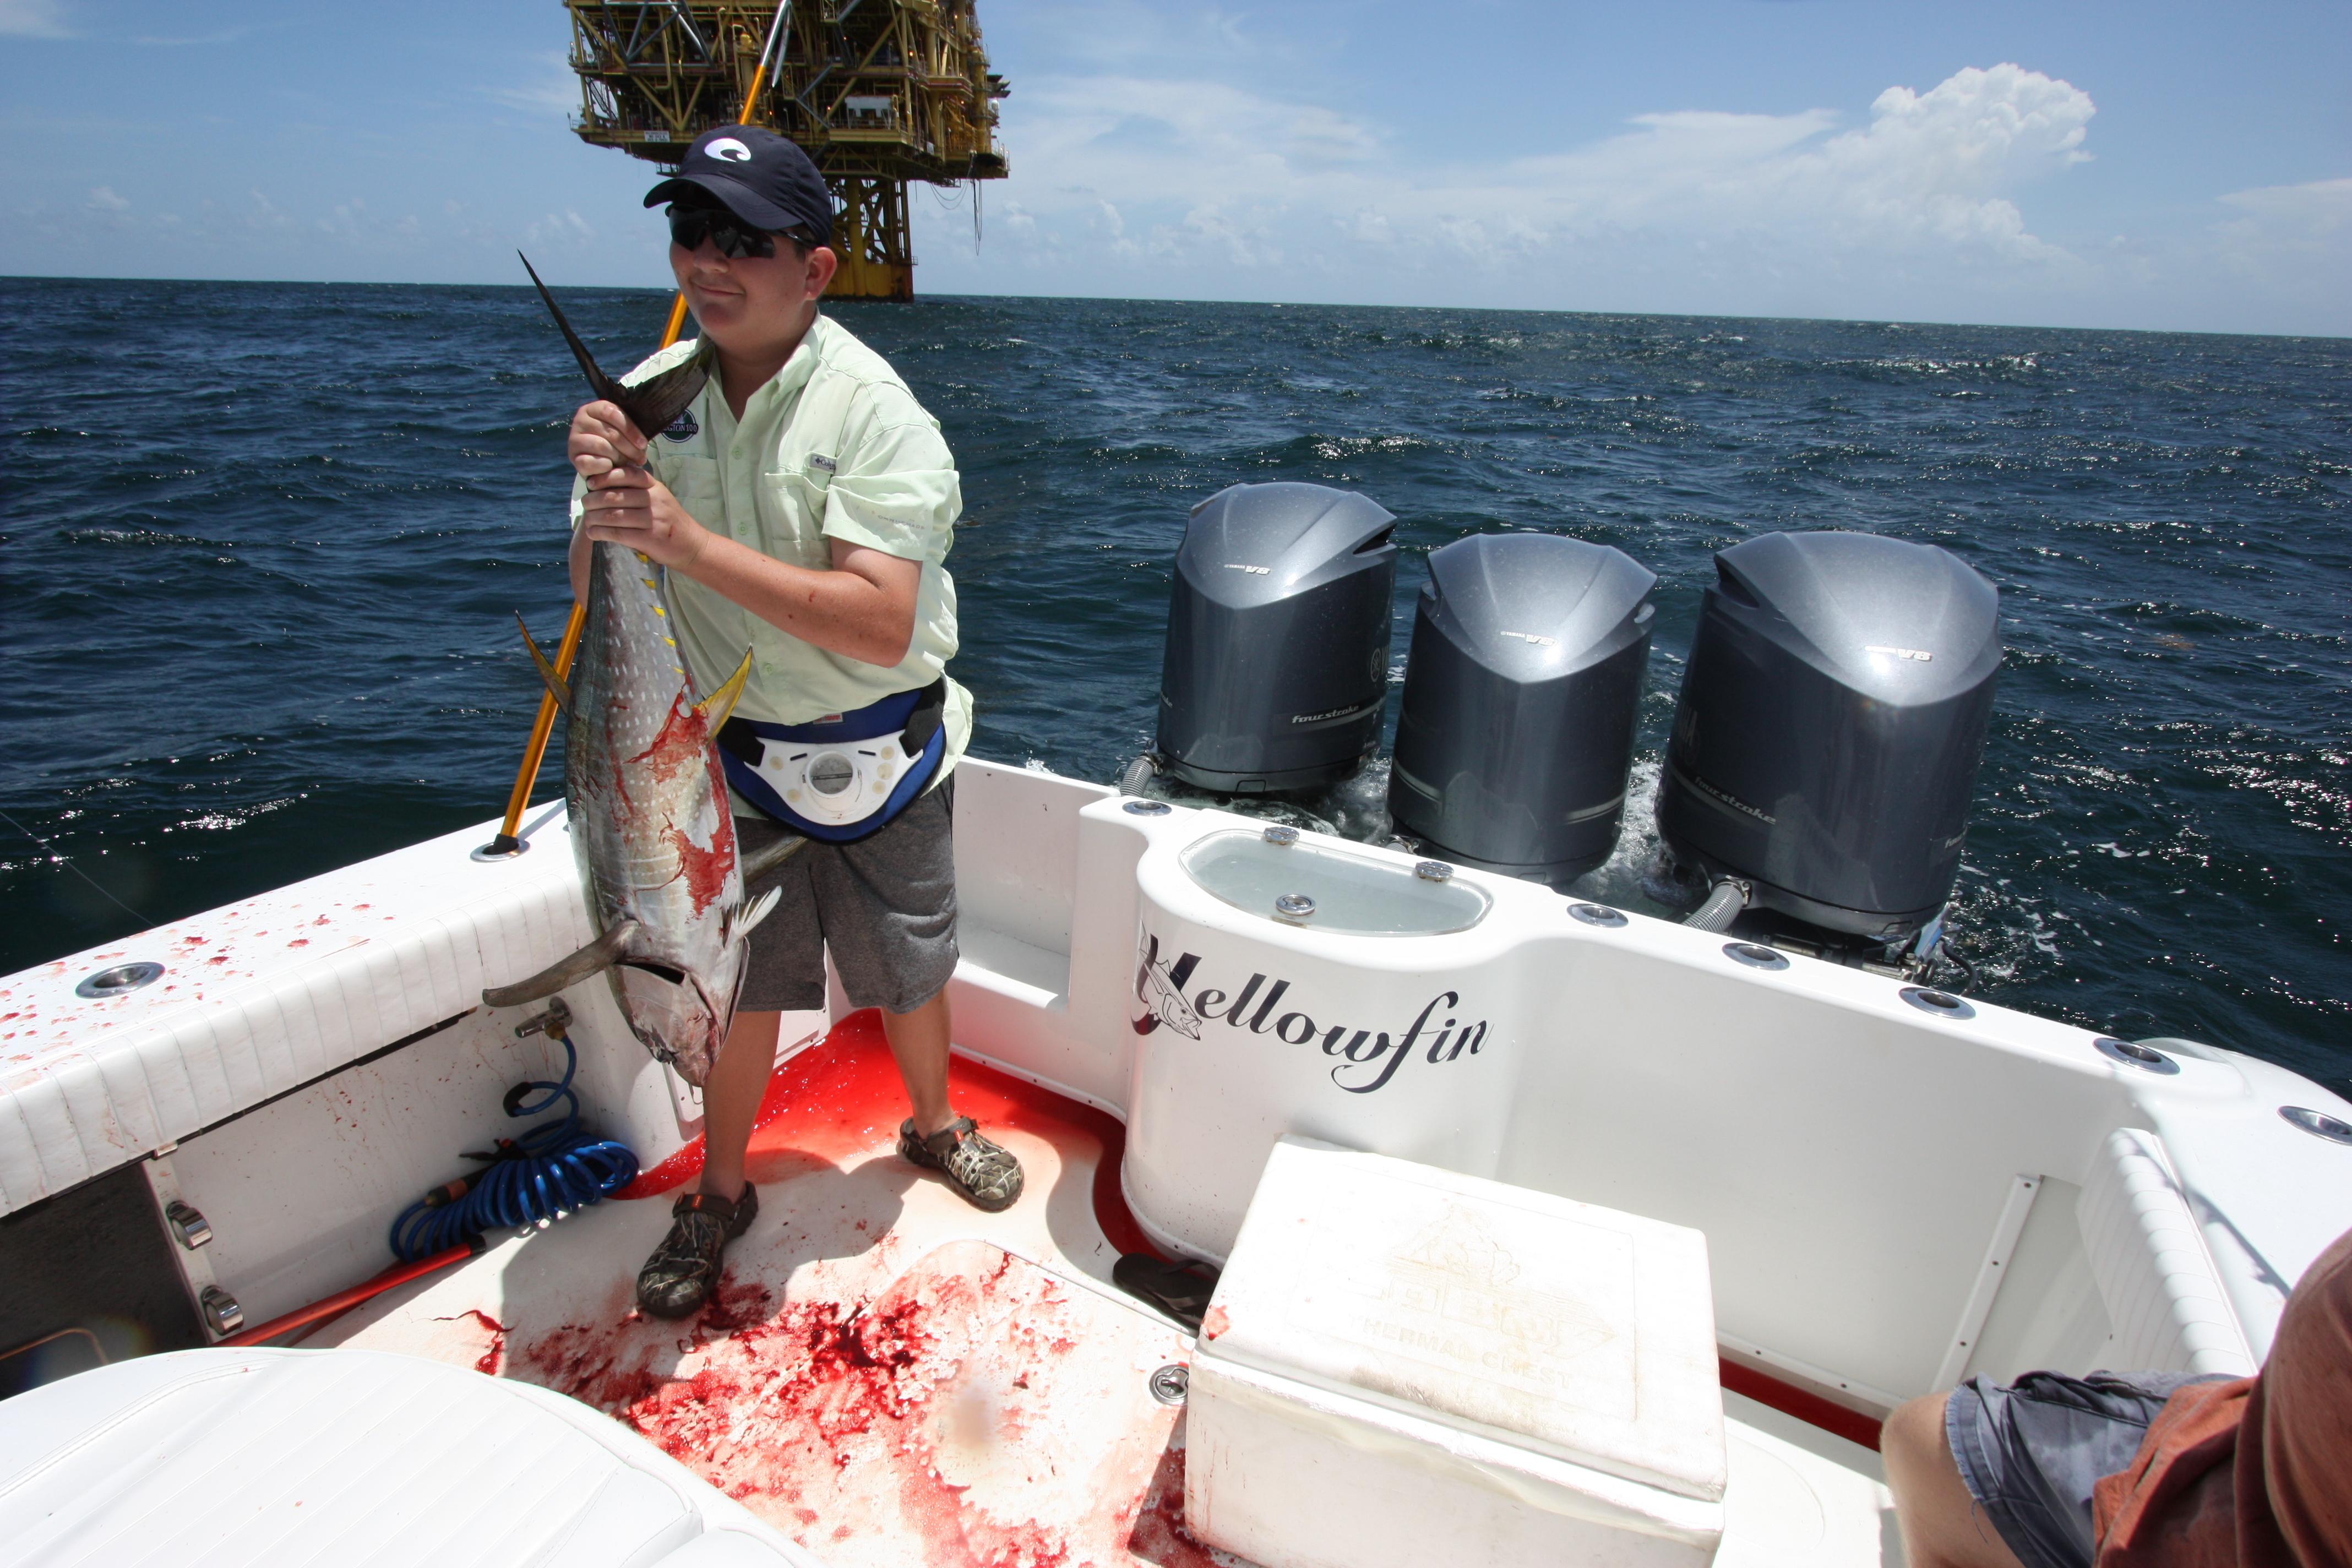 Venice la tuna fishing report 8 25 13 venice louisiana for Venice louisiana fishing